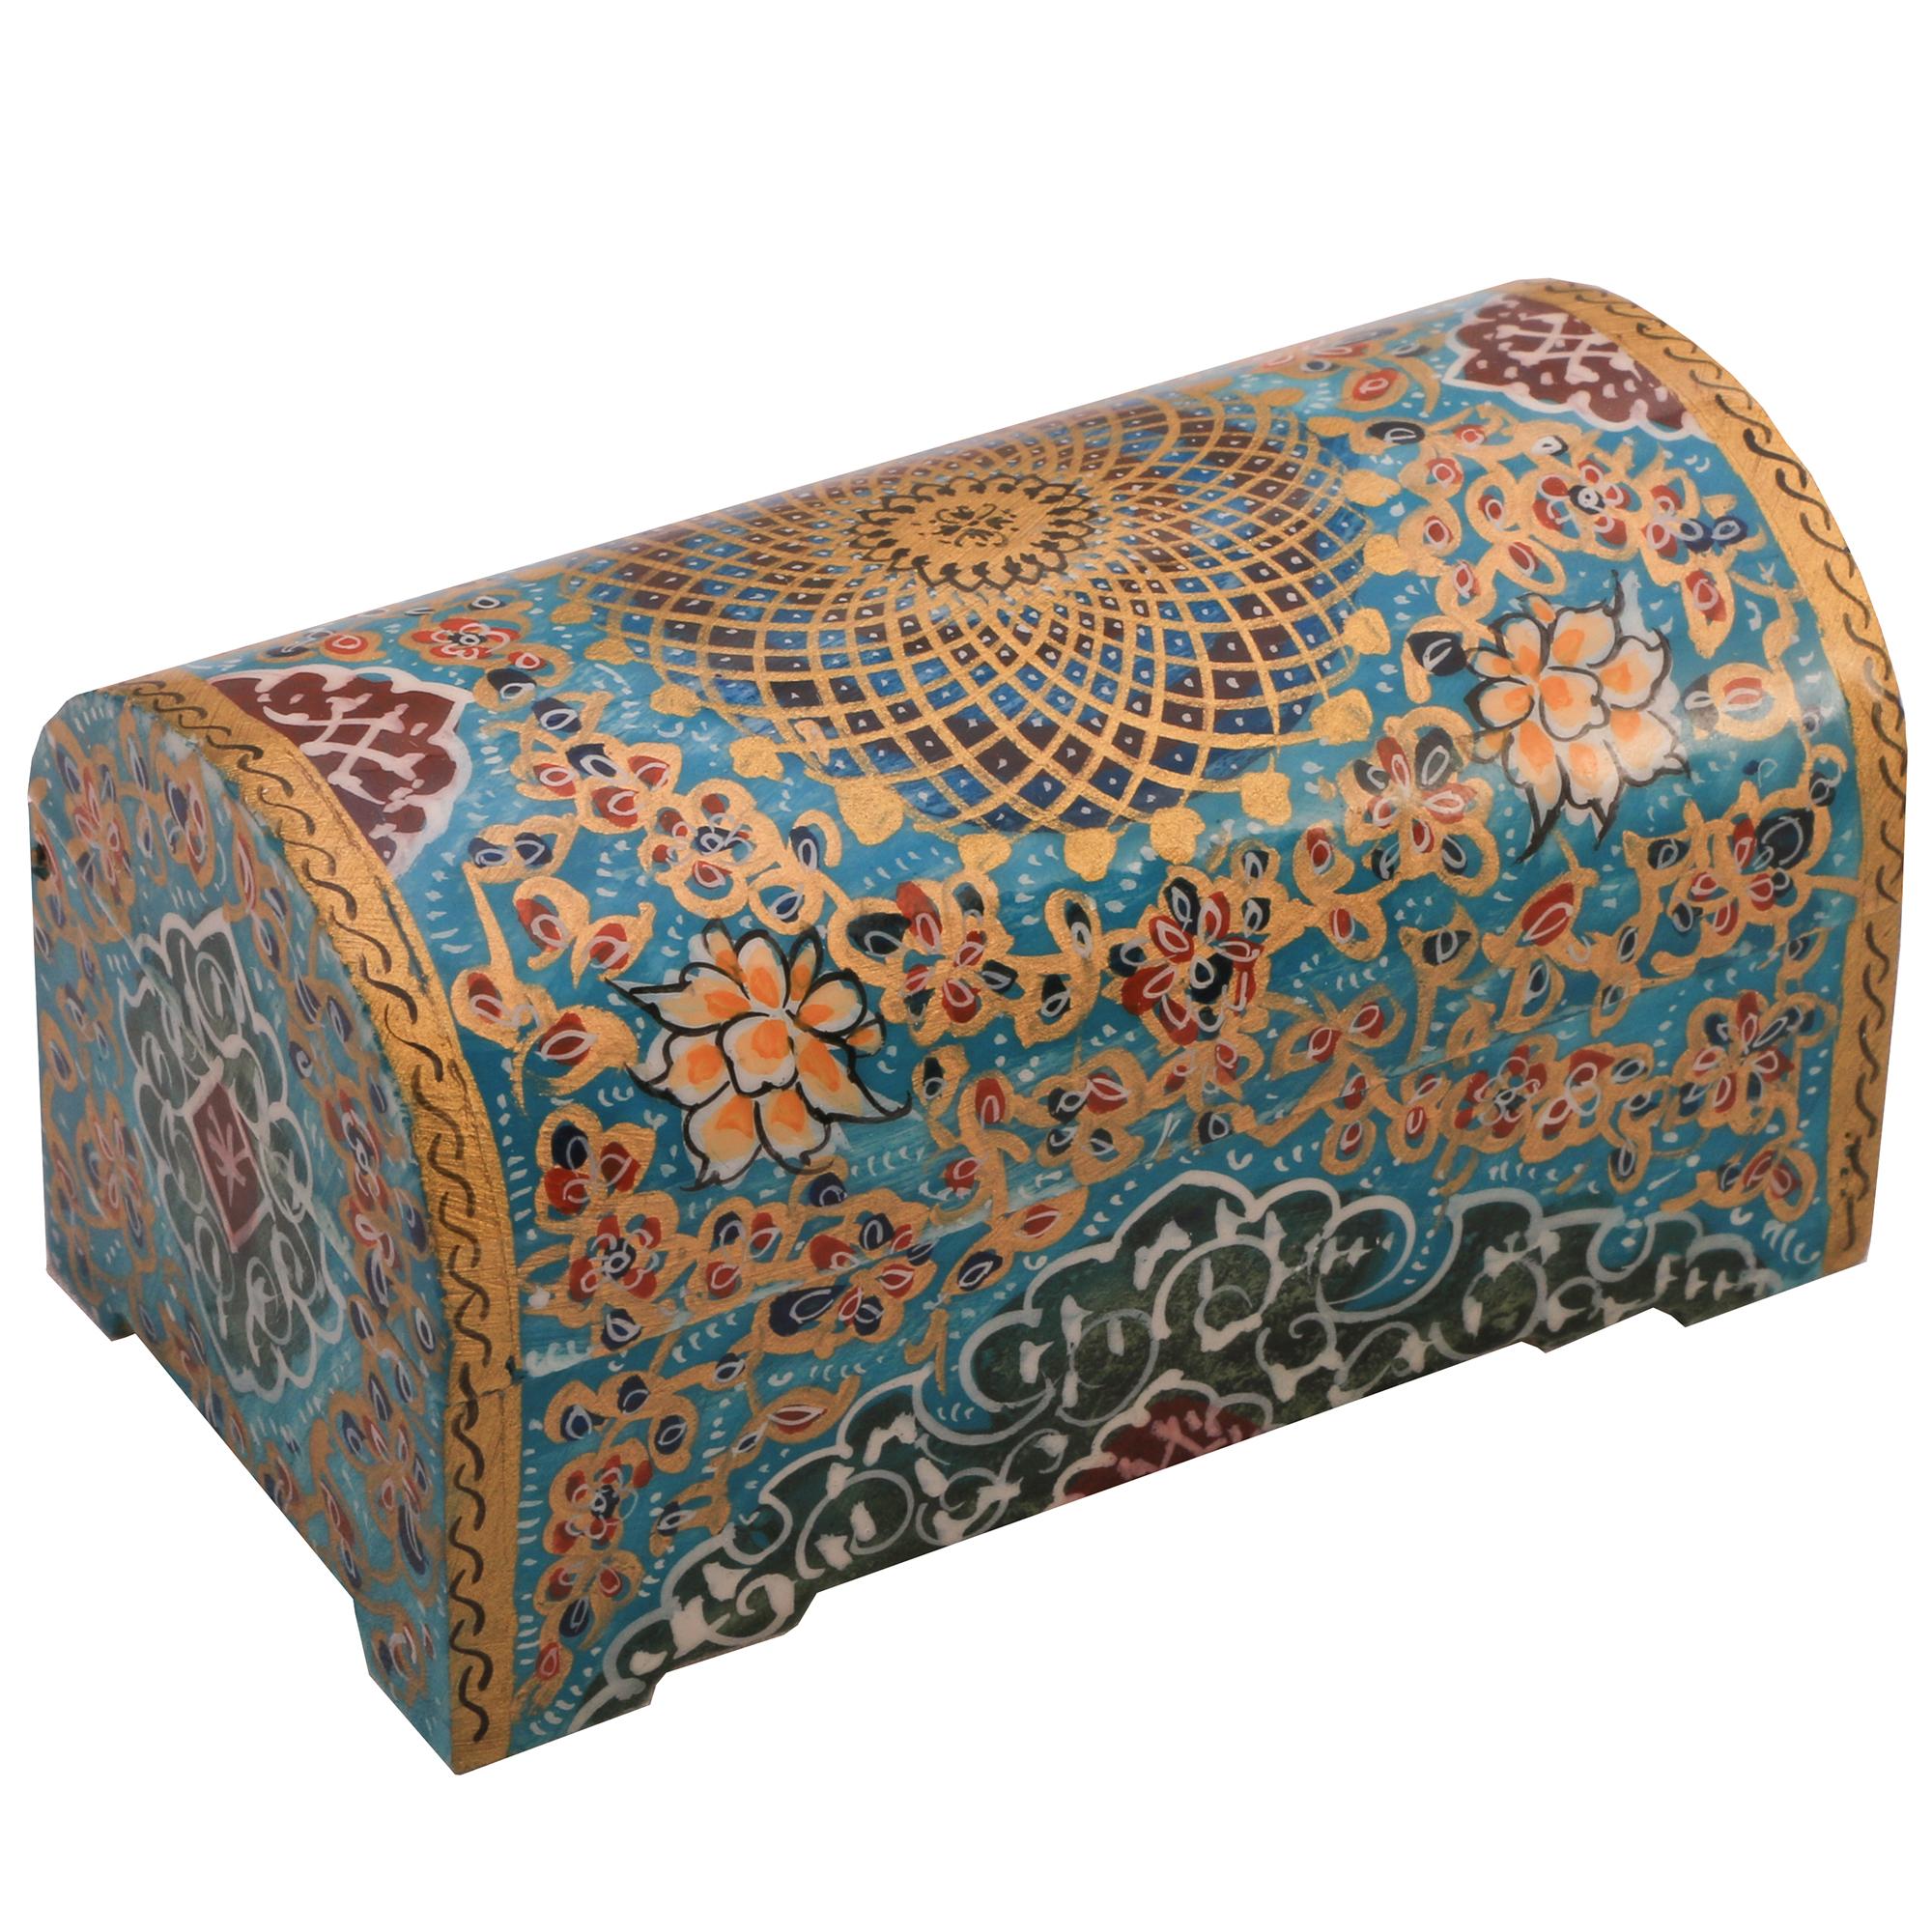 جعبه جواهرات استخوانی کد 1103